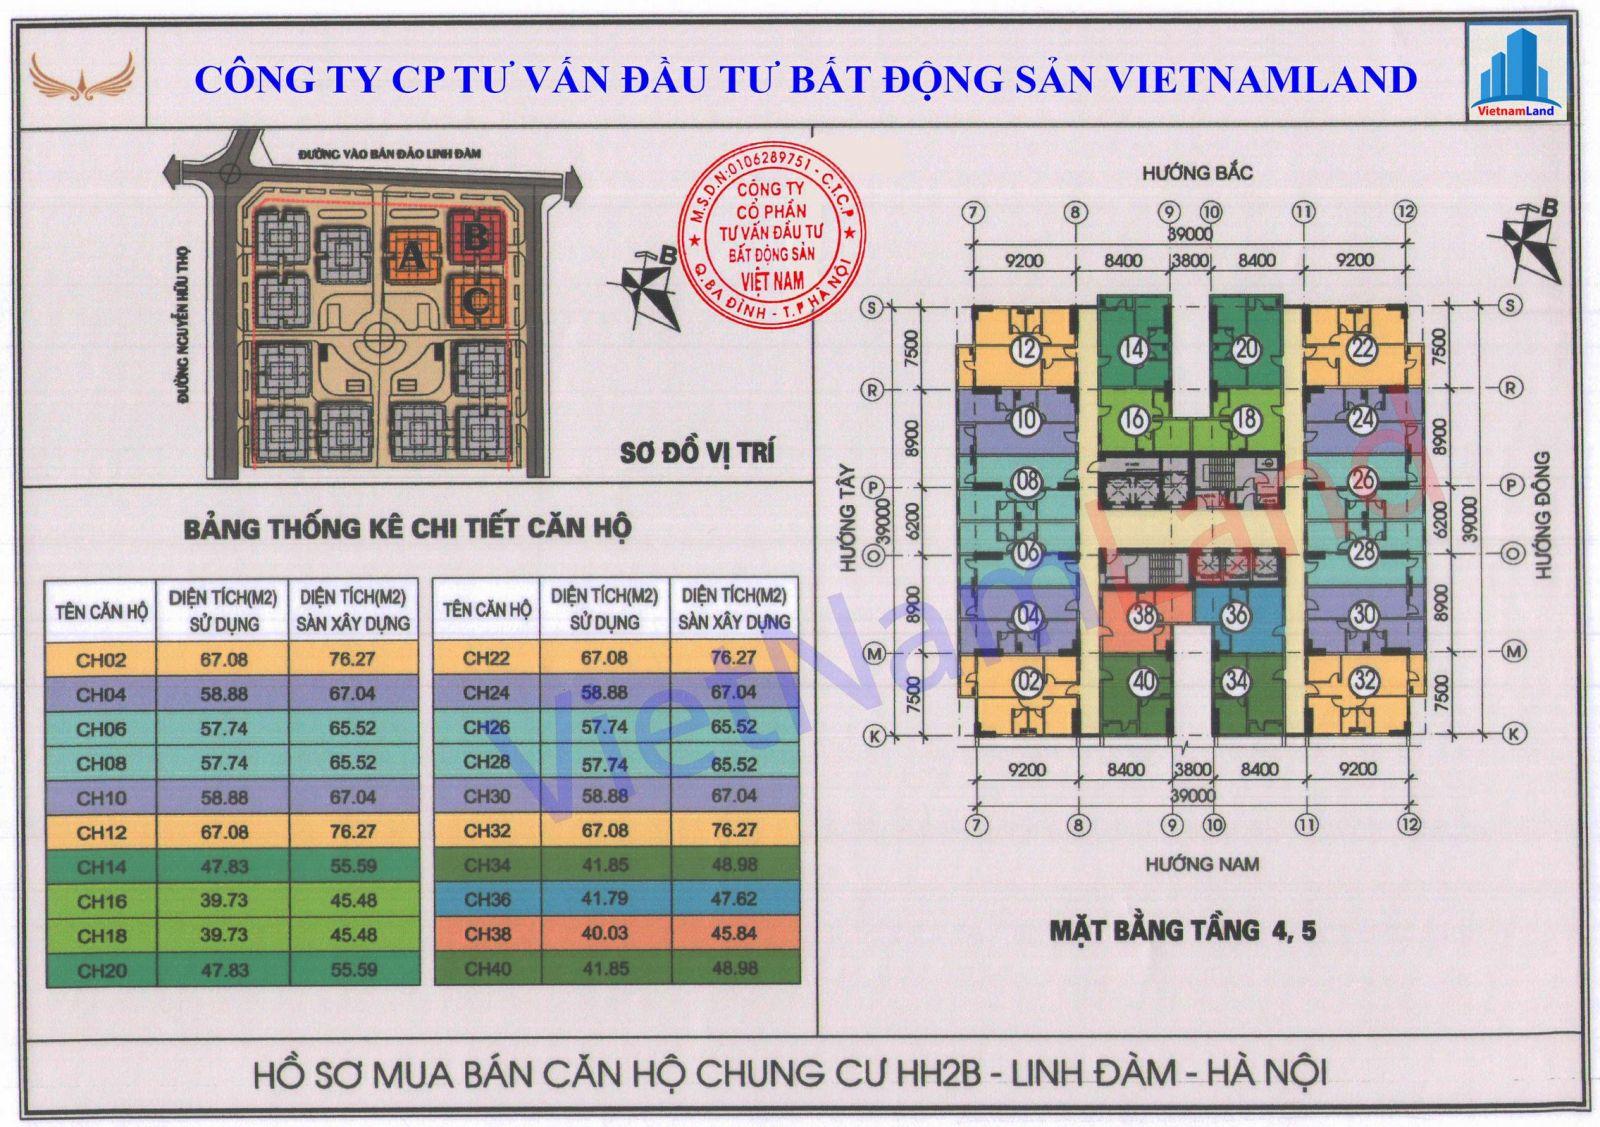 tang-4-5-hh2b-linh-dam